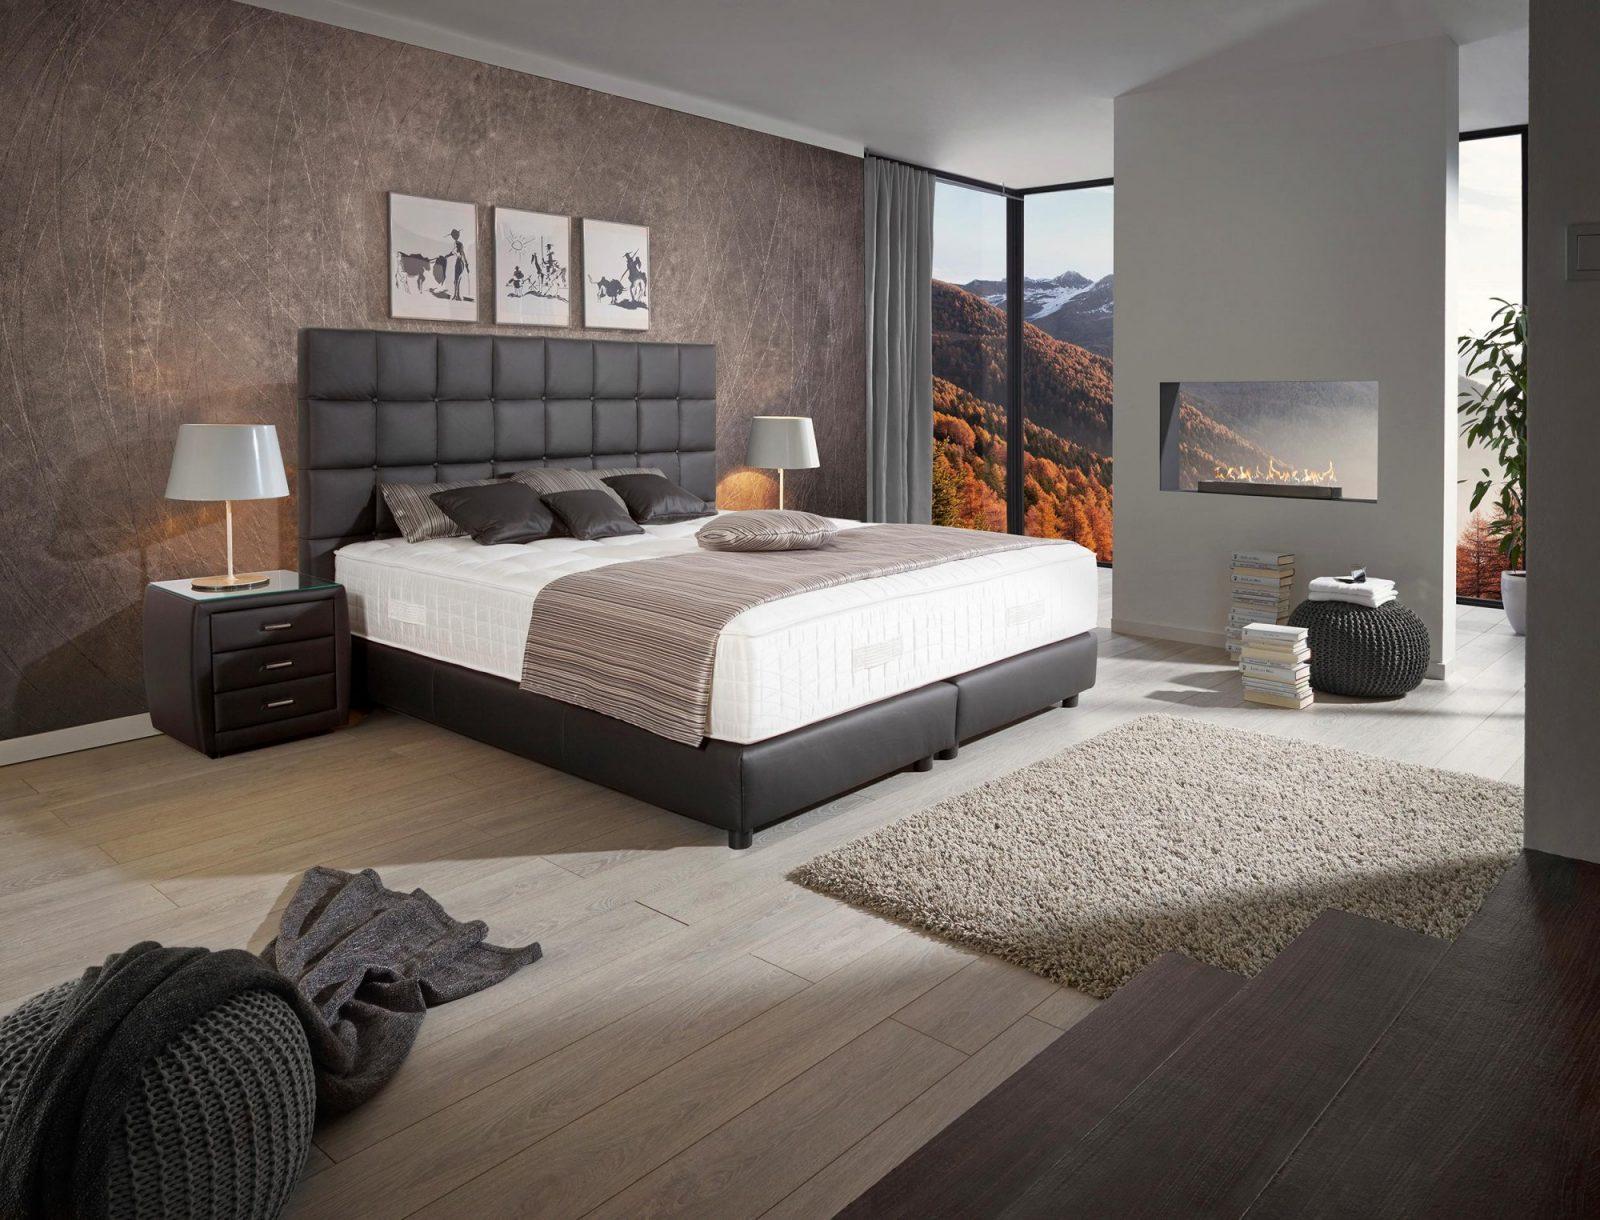 Schlafzimmerwandgestaltung Lass Dich Inspirieren von Schlafzimmer Renovieren Ideen Bilder Bild